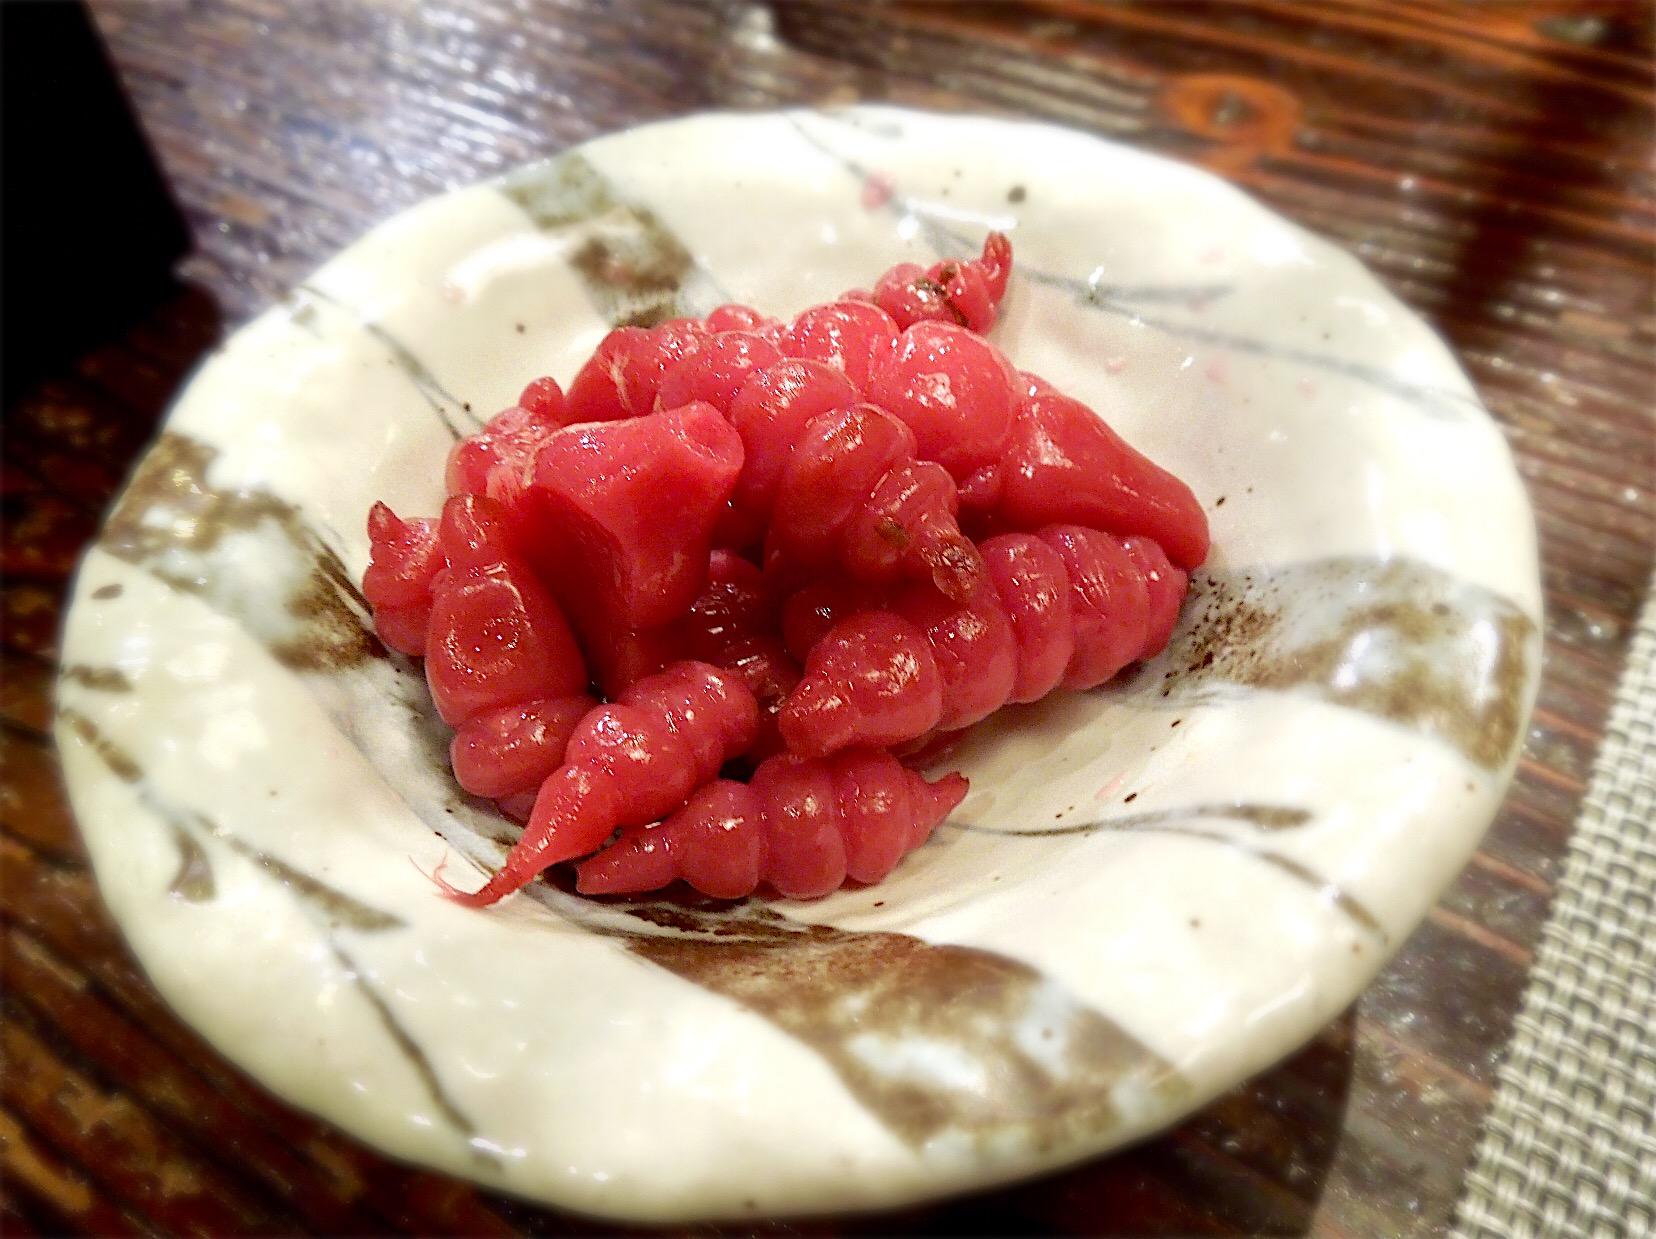 真っ赤な縁起物!「チョロギ」の産地や育て方、レシピまで解説!の画像